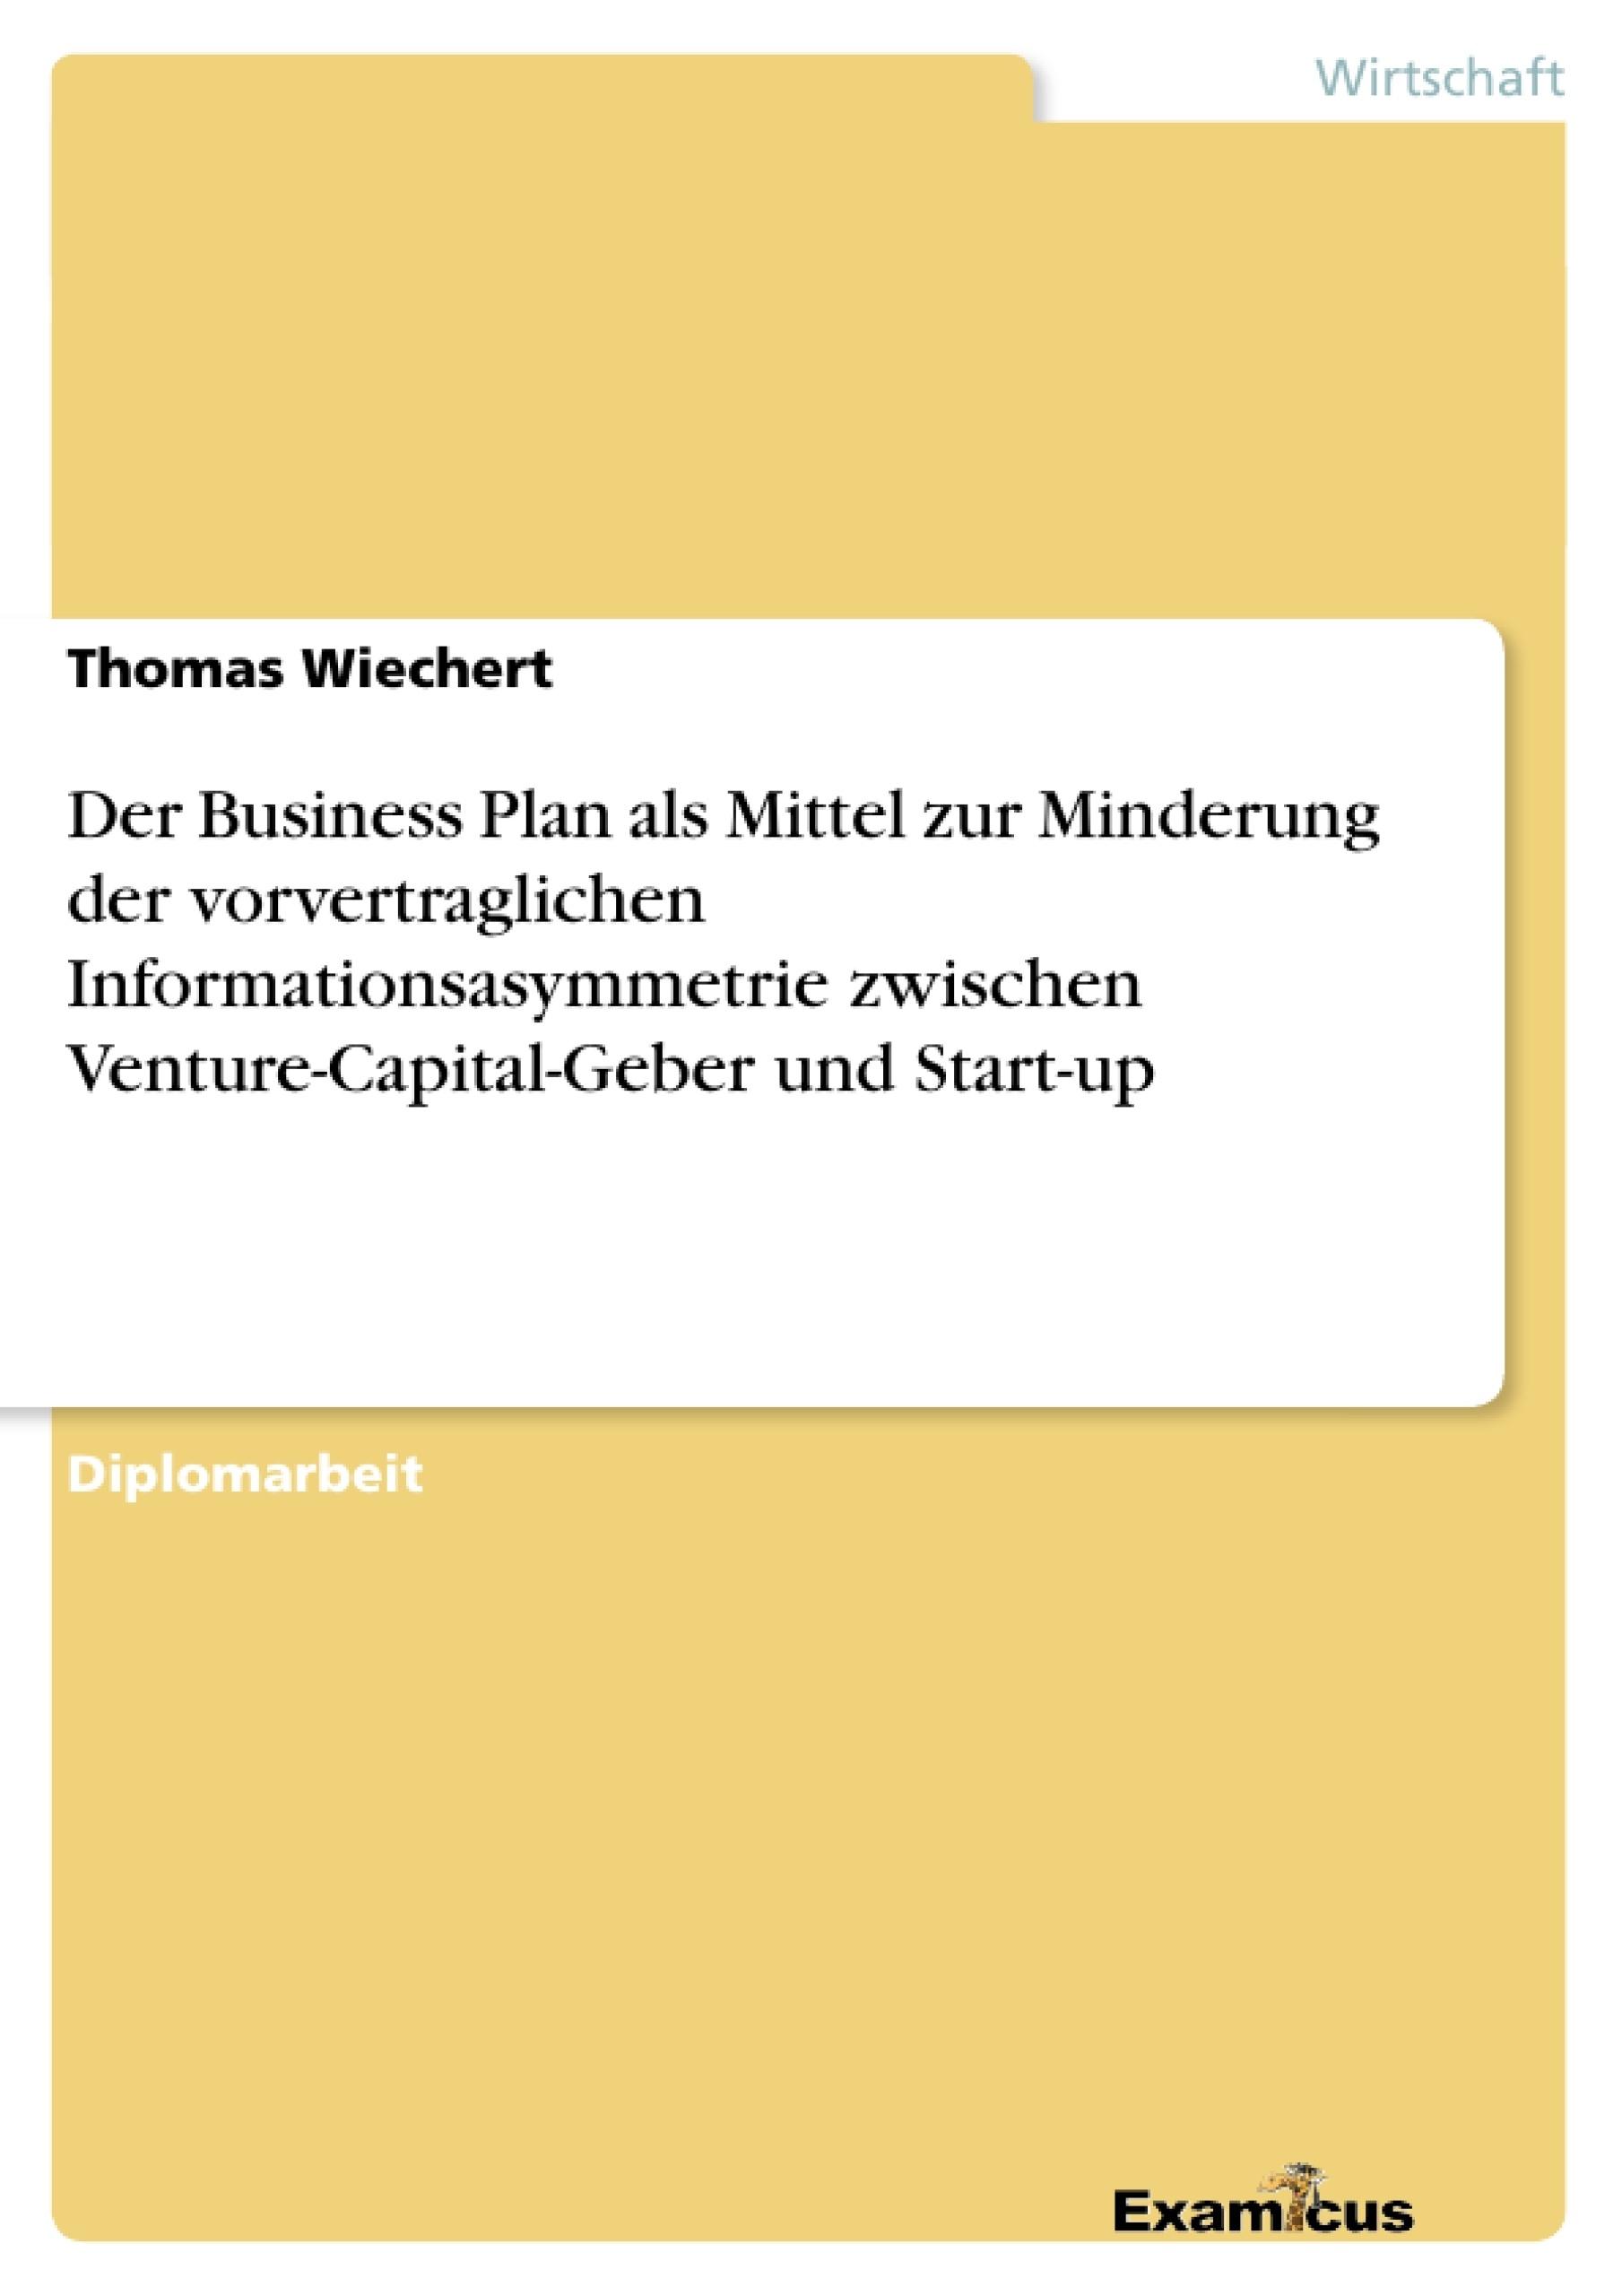 Titel: Der Business Plan als Mittel zur Minderung der vorvertraglichen Informationsasymmetrie zwischen Venture-Capital-Geber und Start-up